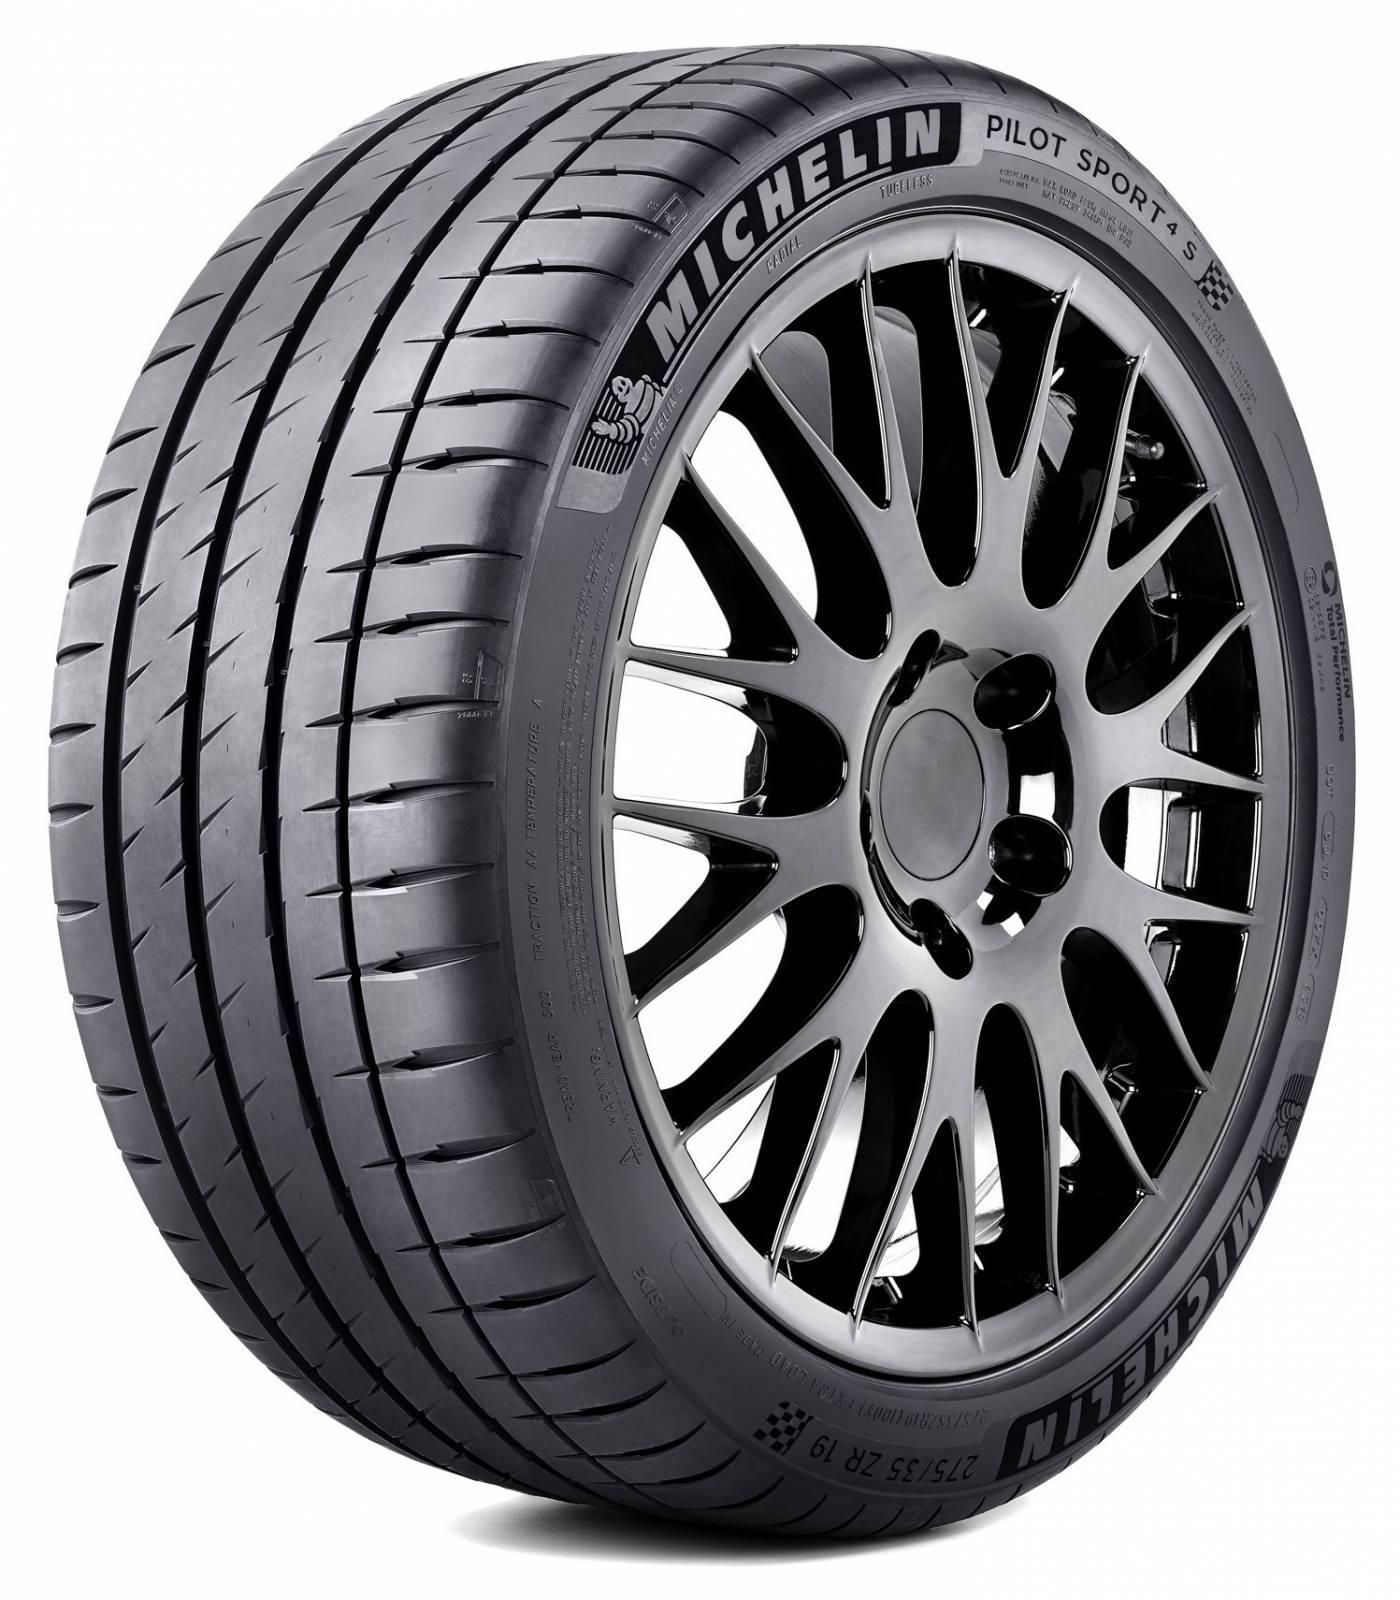 Pneu Michelin Pilot Sport 4 S 265/30 R19 93Y - ATS Pneus